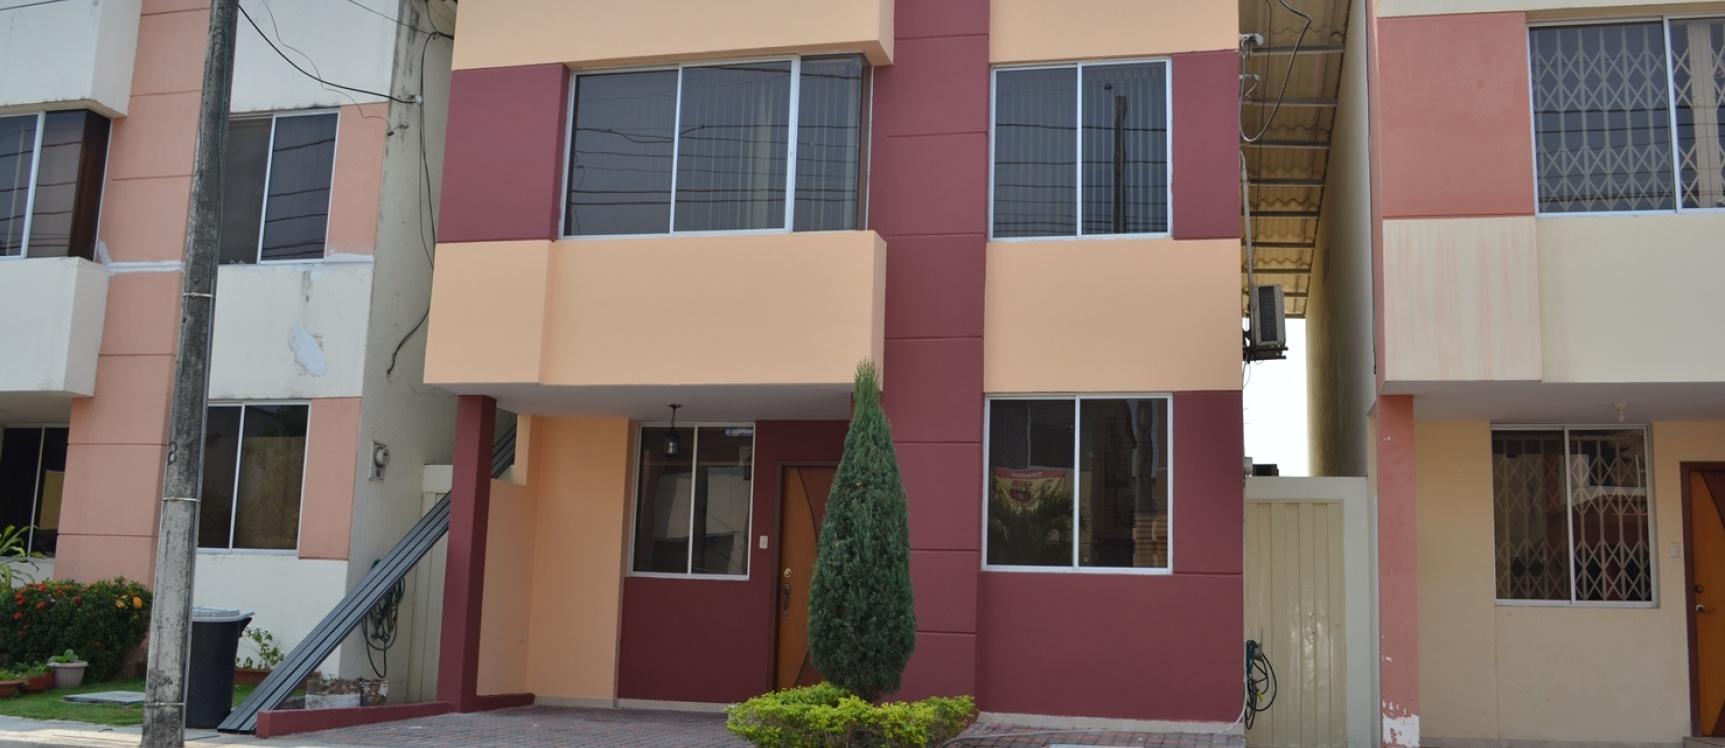 GeoBienes - Casa en Alquiler urbanización Cataluña vía Salitre - Samborondon - Plusvalia Guayaquil Casas de venta y alquiler Inmobiliaria Ecuador